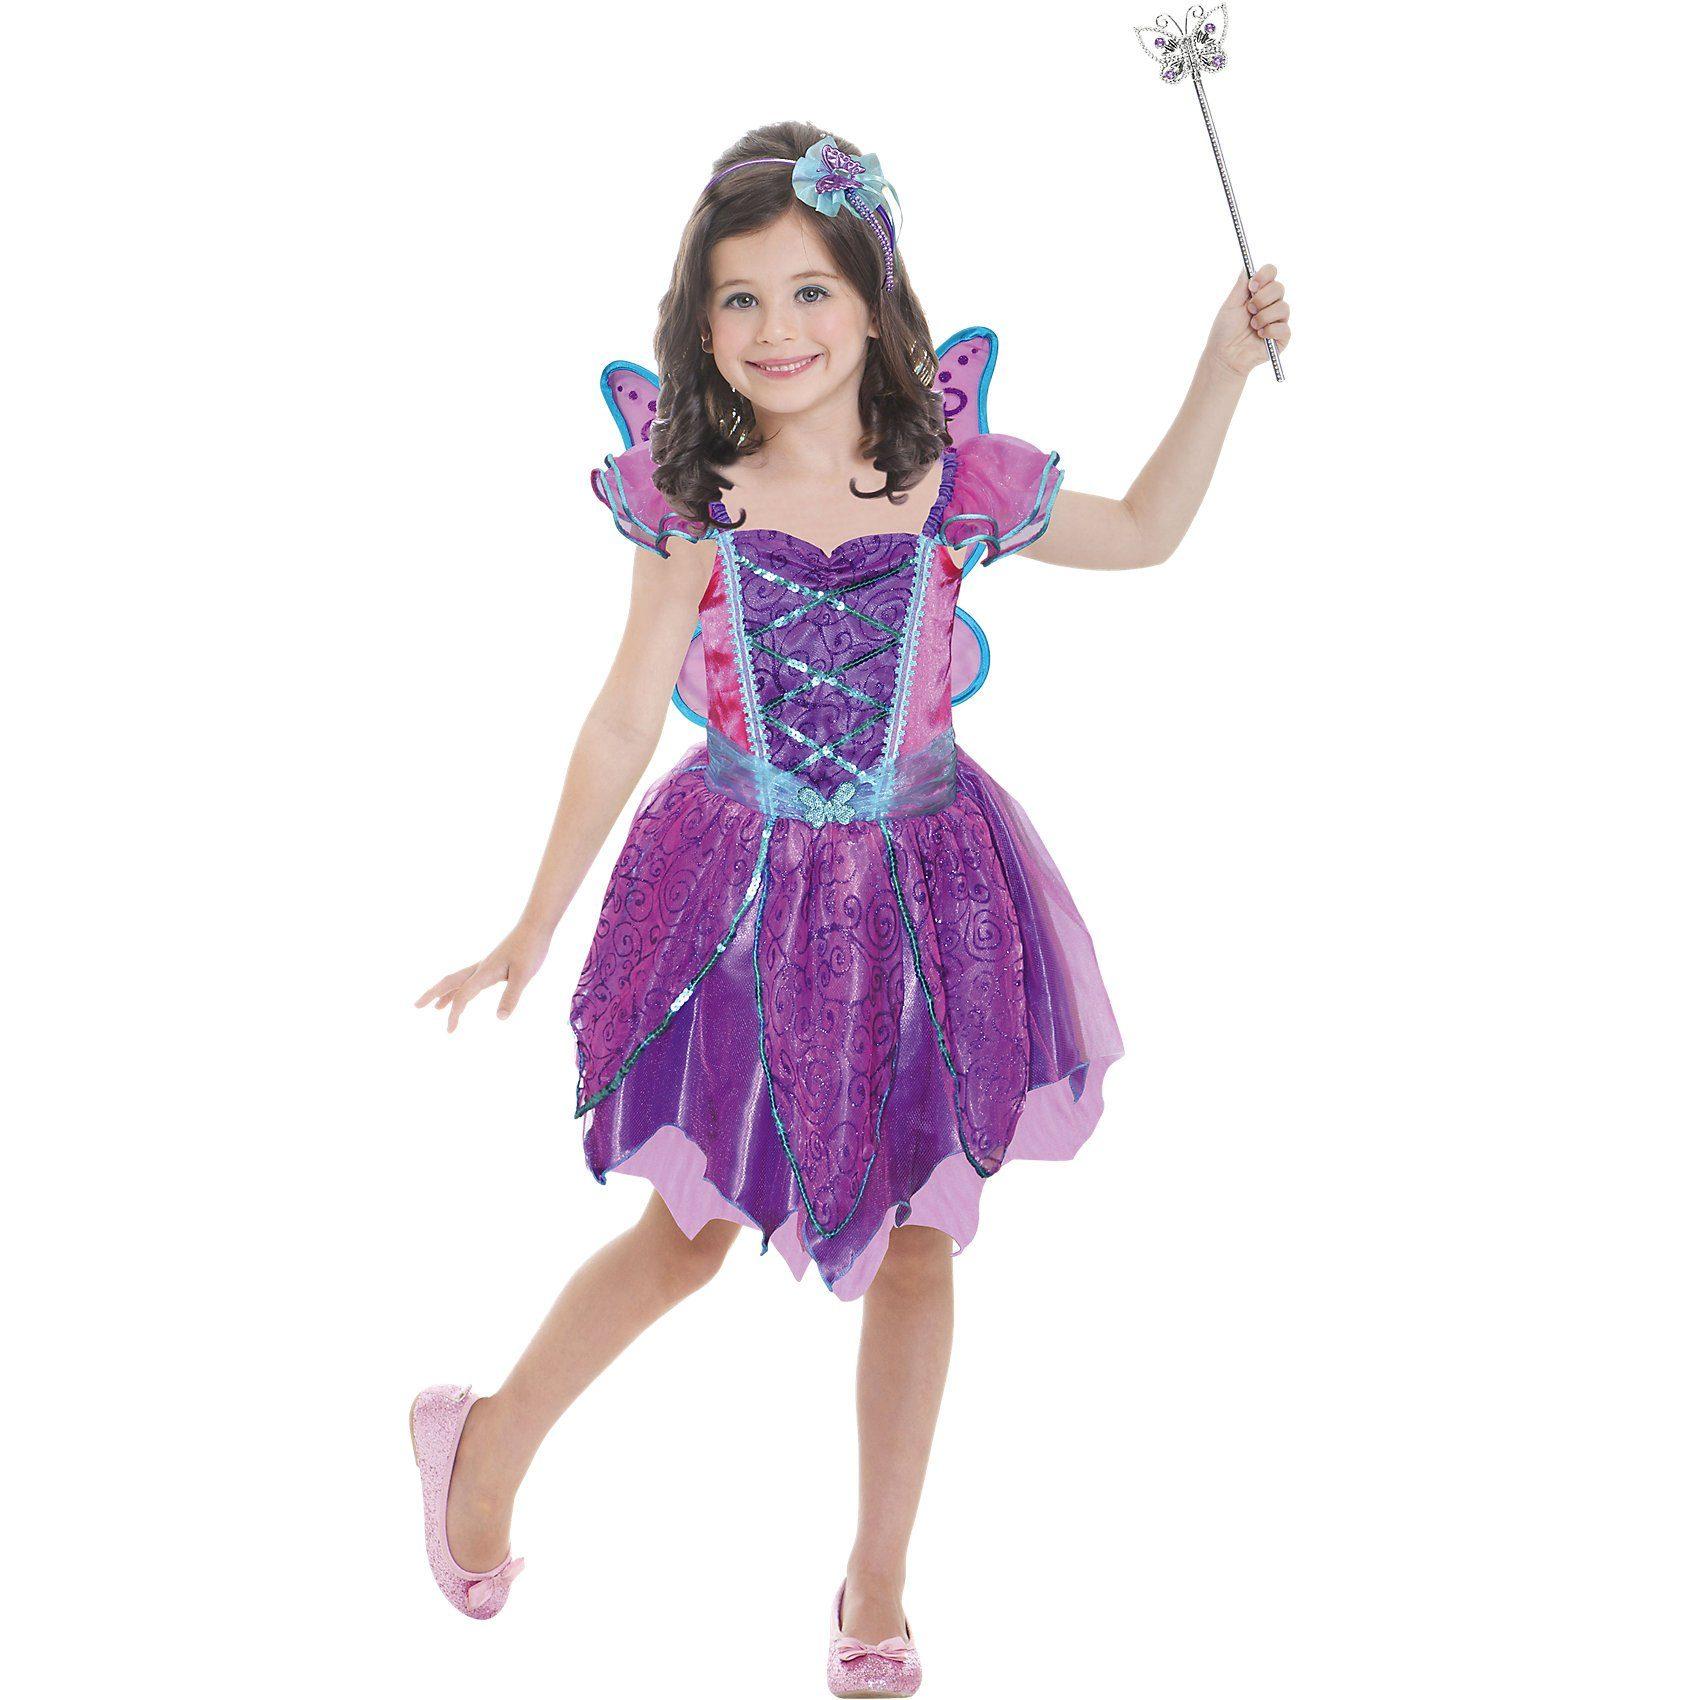 Riethmüller Kostüm Set: Hot Pink Fairy